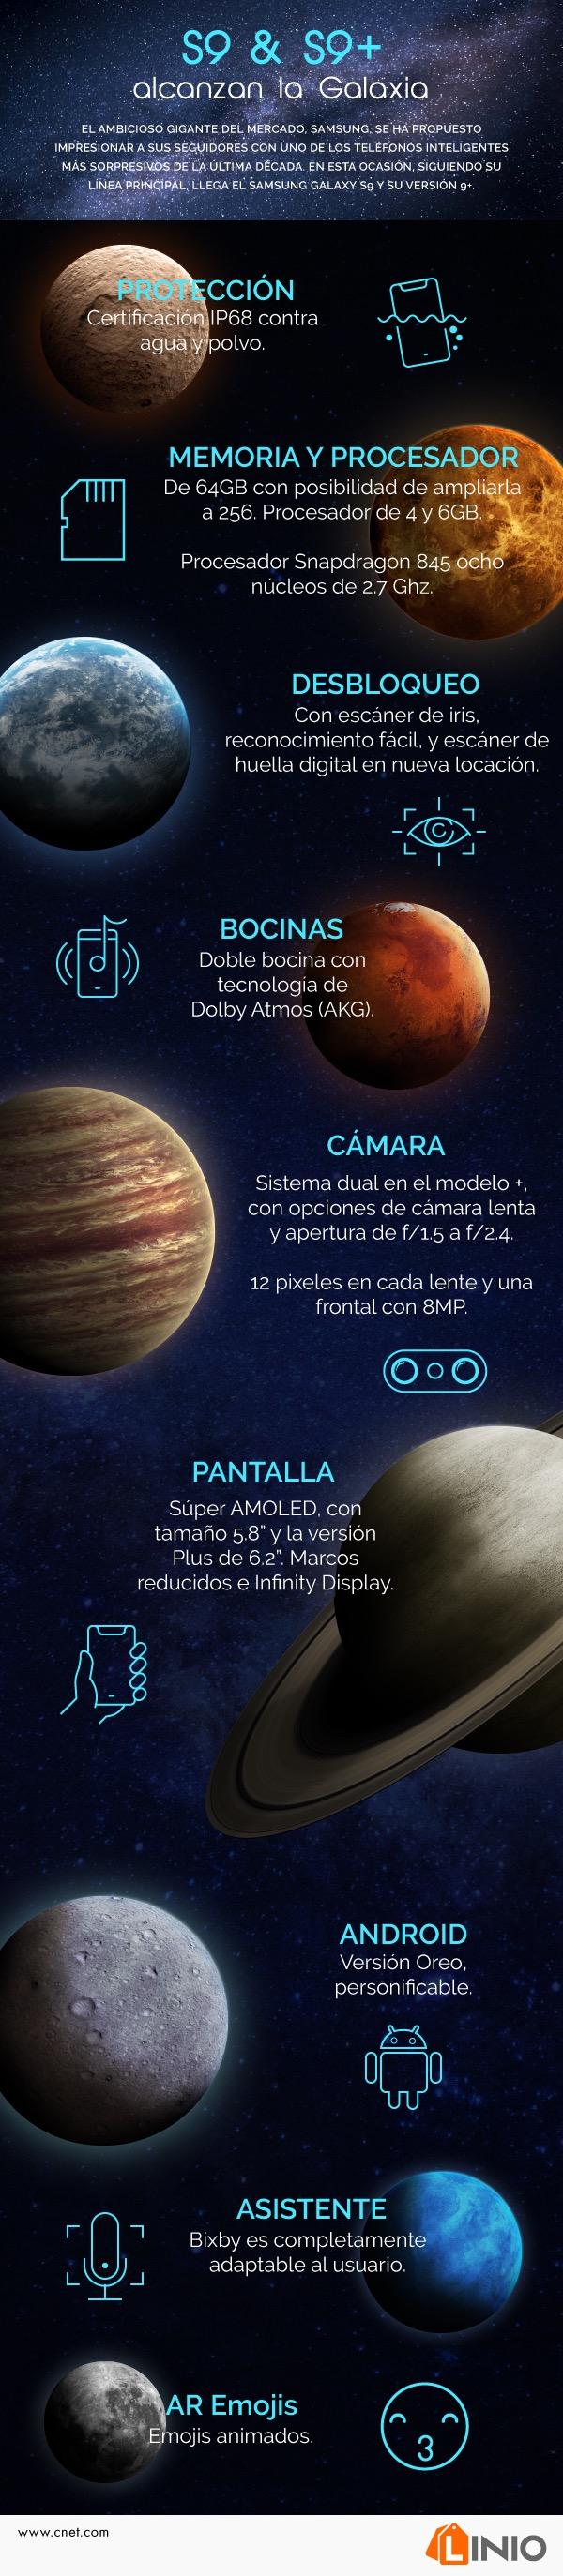 [Infografía] Características del nuevo Samsung Galaxy S9 y S9+ - galaxys9_infografia